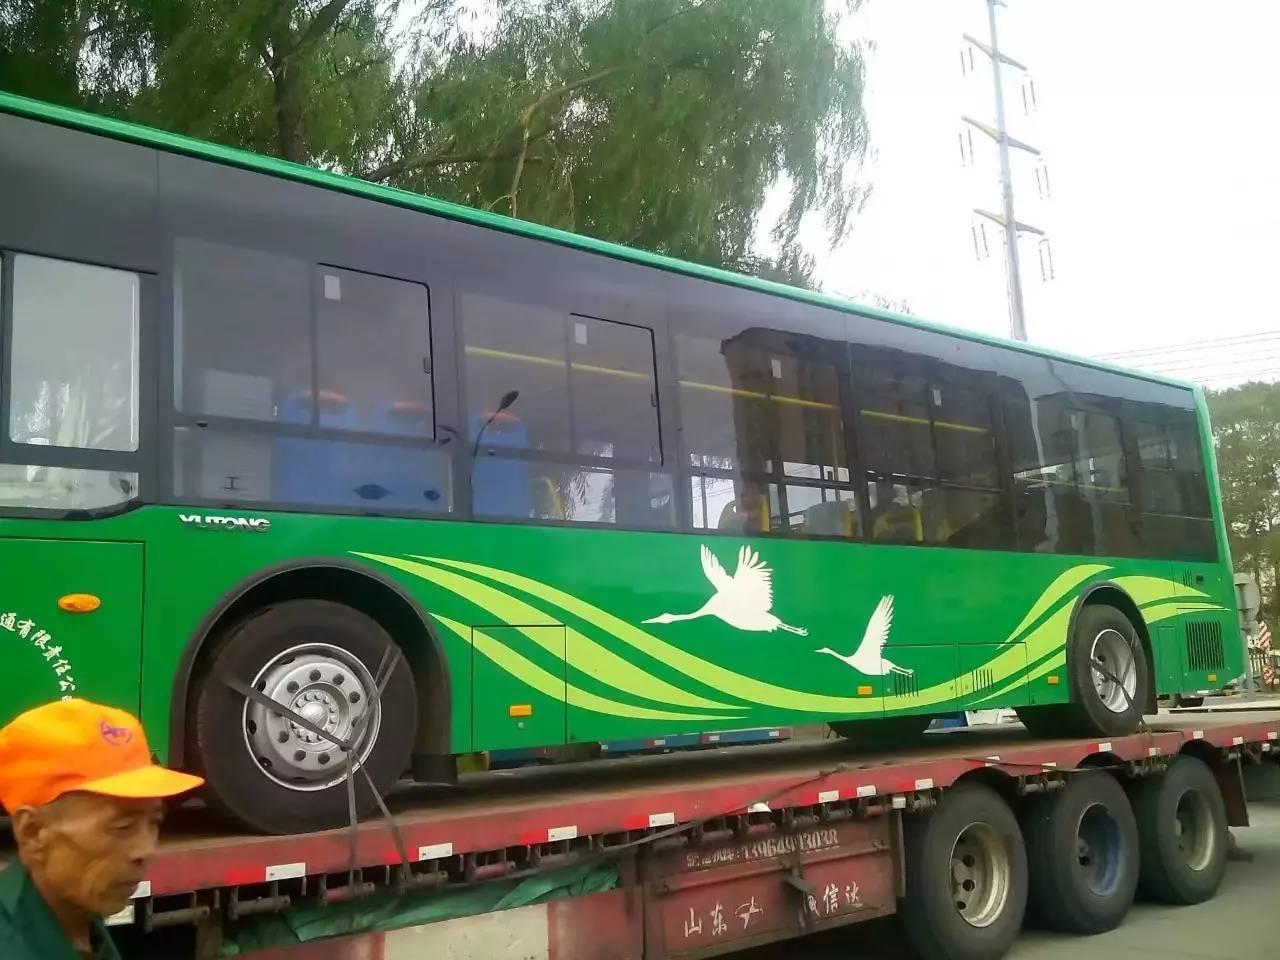 财经 正文  日前,2路新公交车运达我市,该车为宇通e10车型,车辆长度10